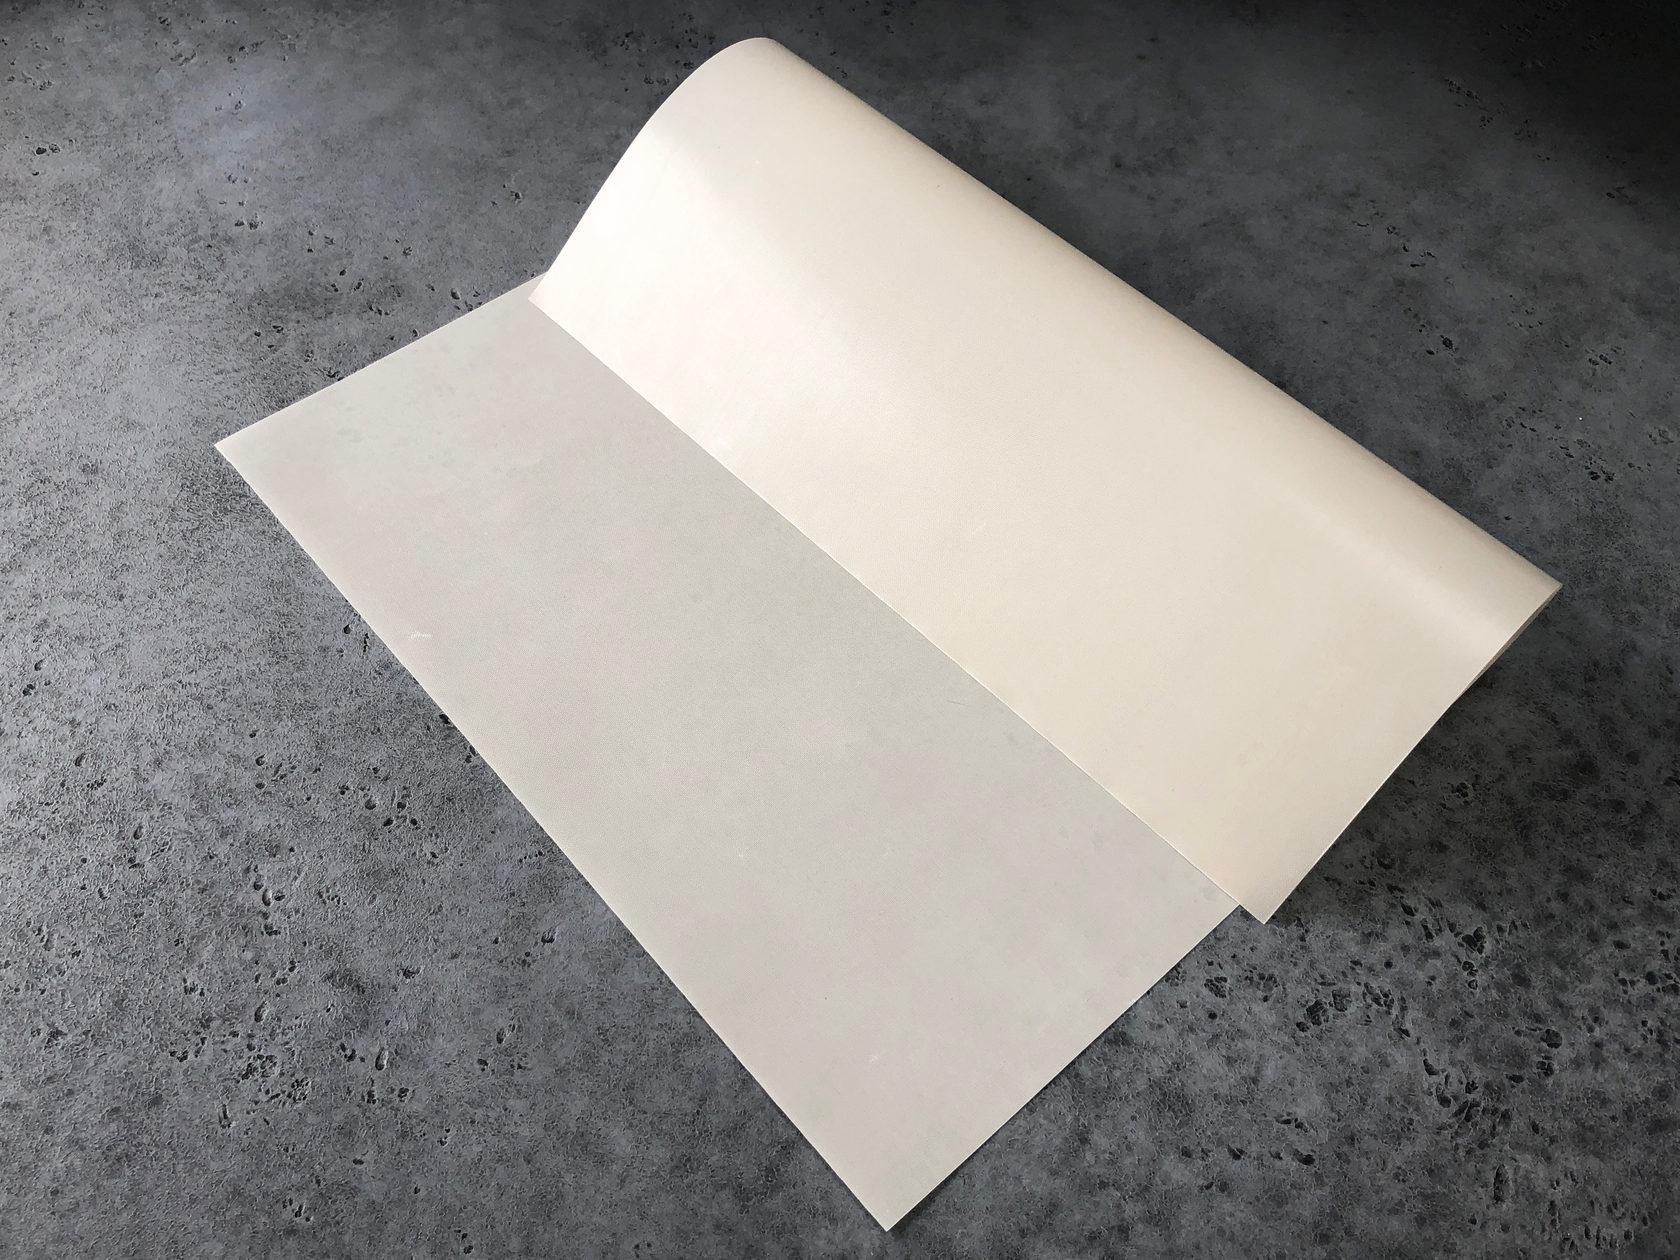 Антипригарный тефлоновый коврик 30х40 см